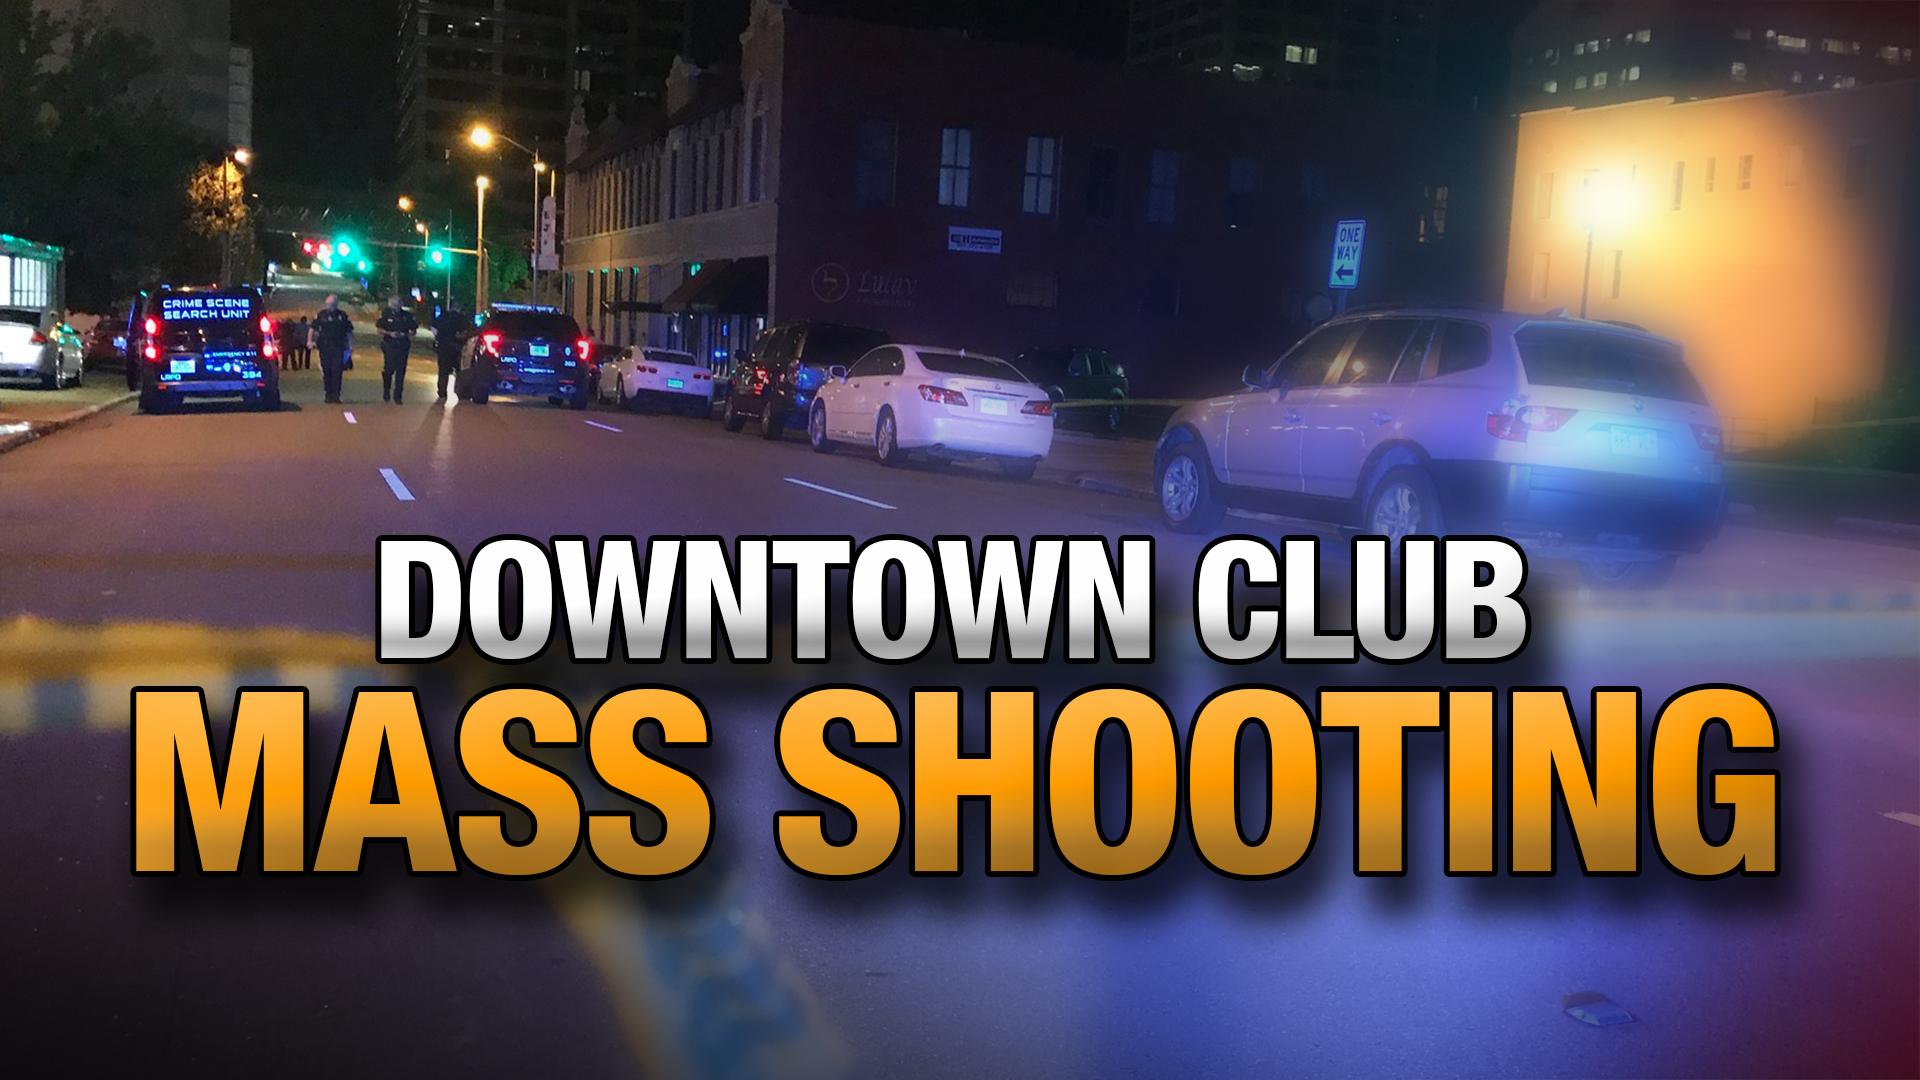 LR DOWNTOWN CLUB MASS SHOOTING_1498964202567.jpg